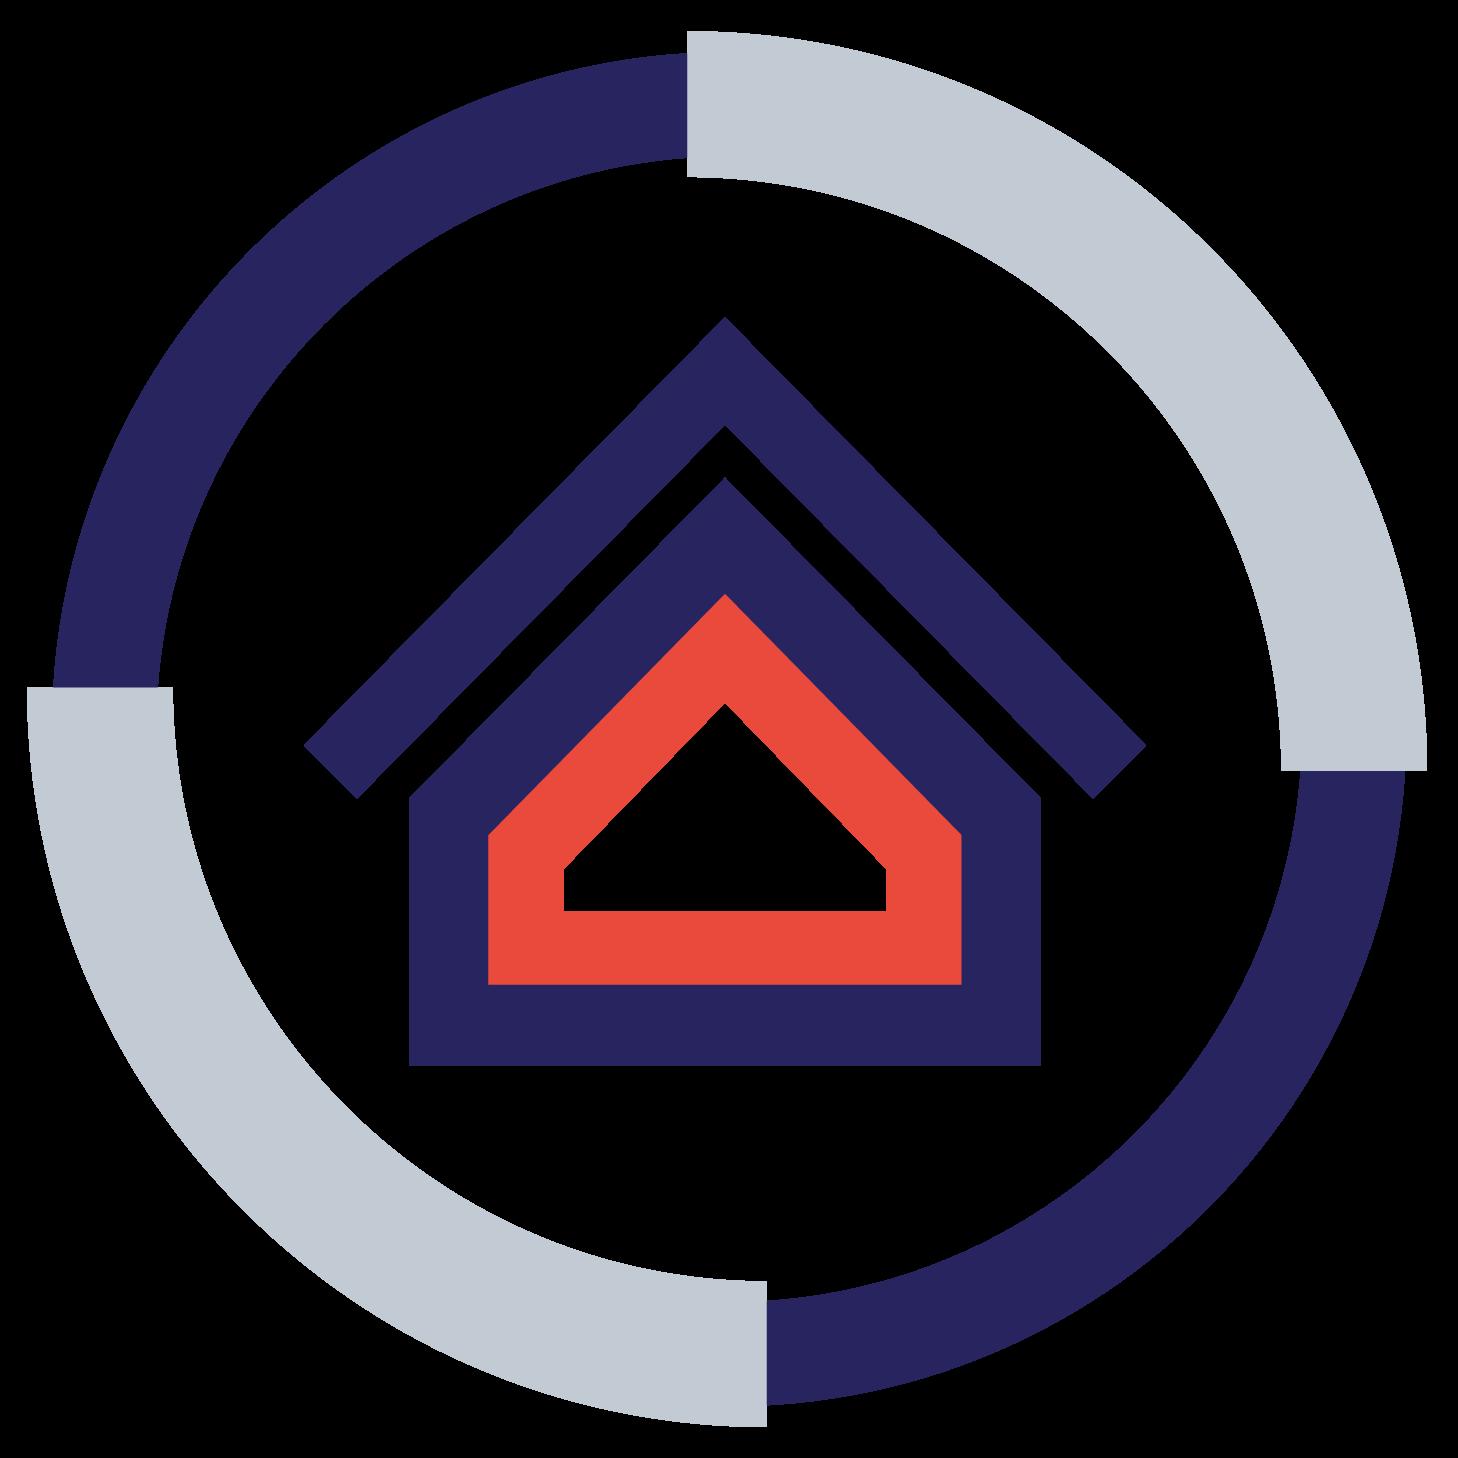 Εξωτερική Θερμομόνωση Build Shield Service